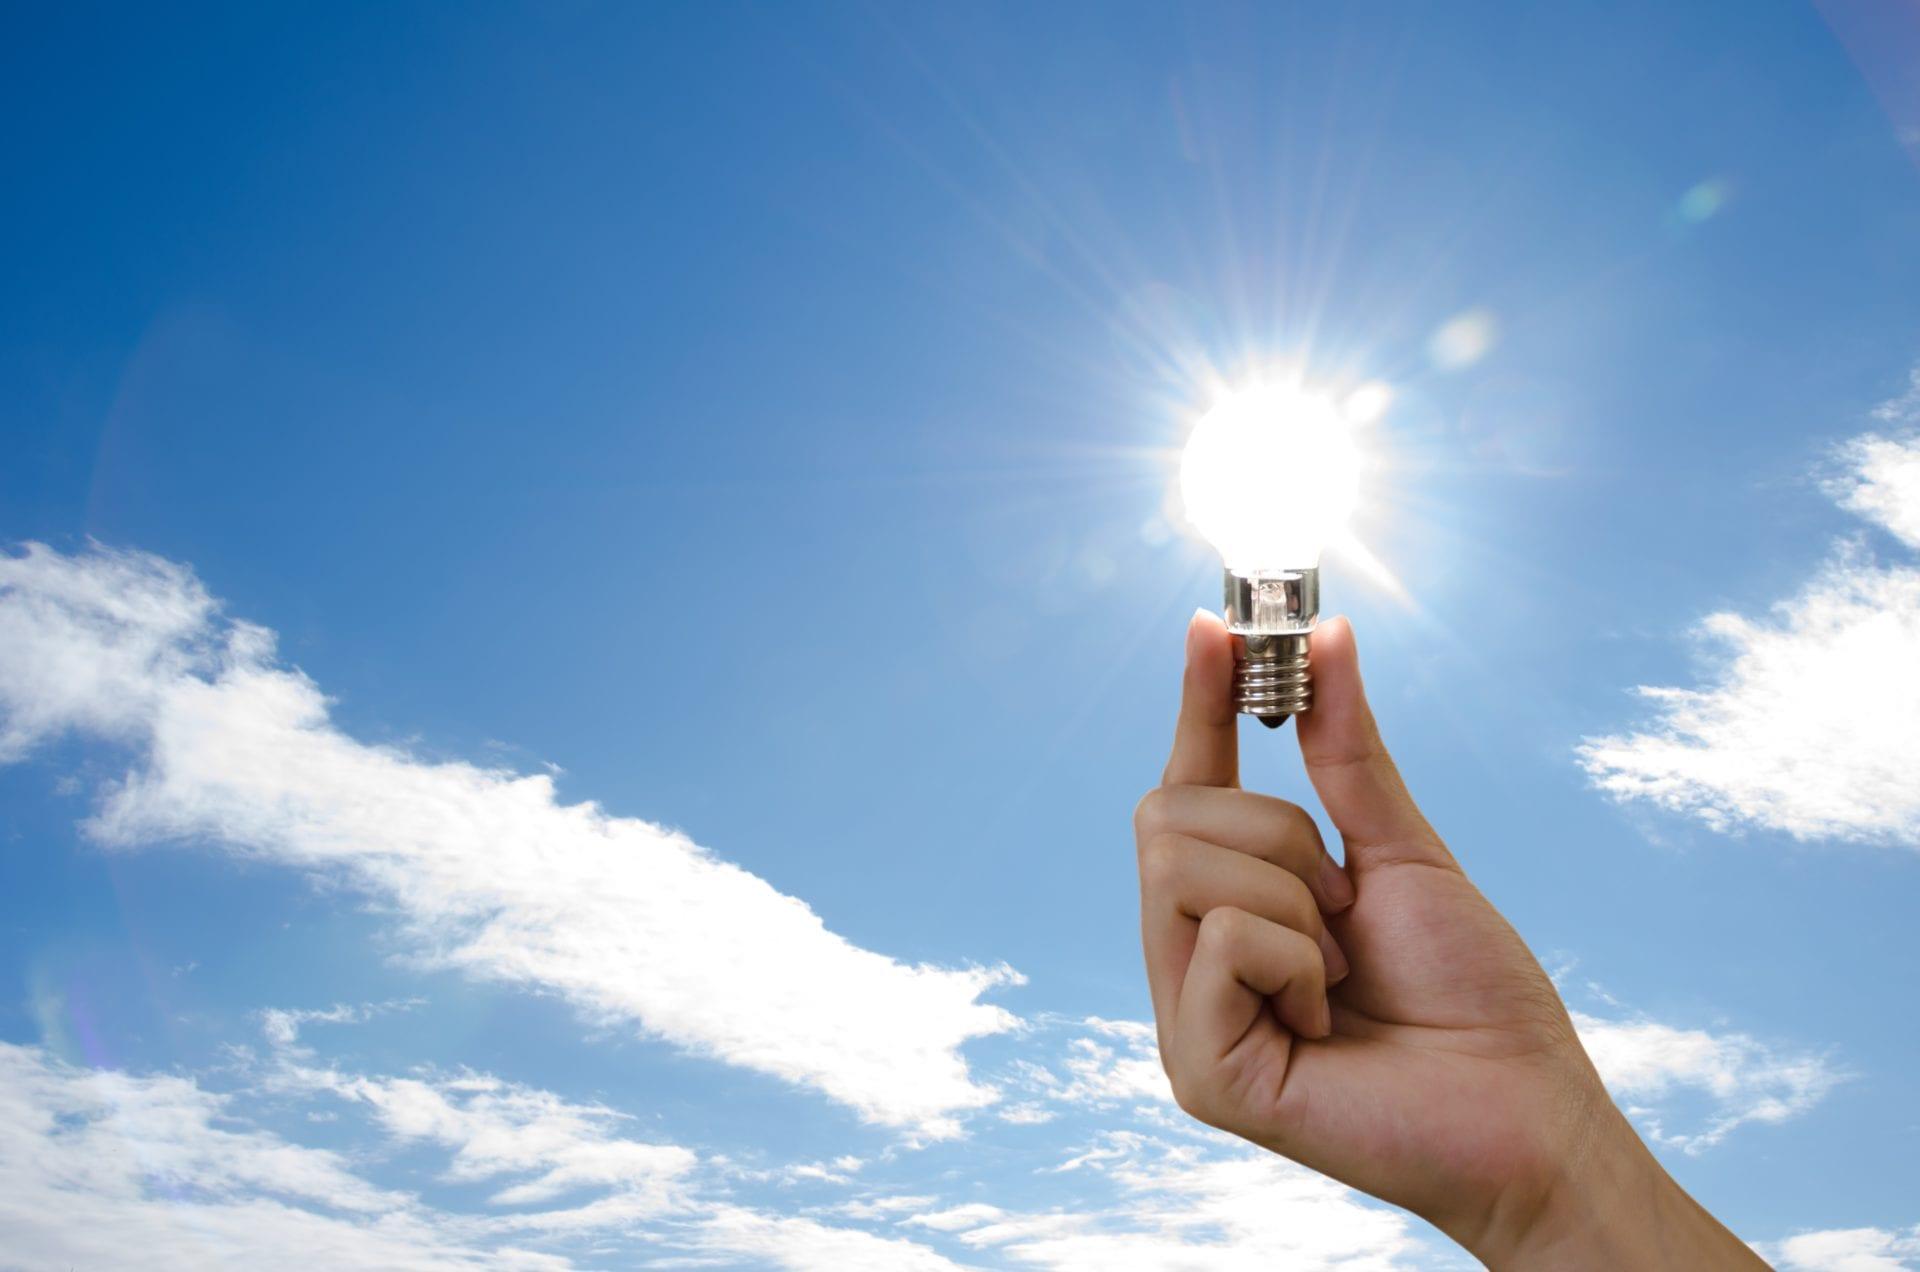 Female hand holding light bulb over the sun.